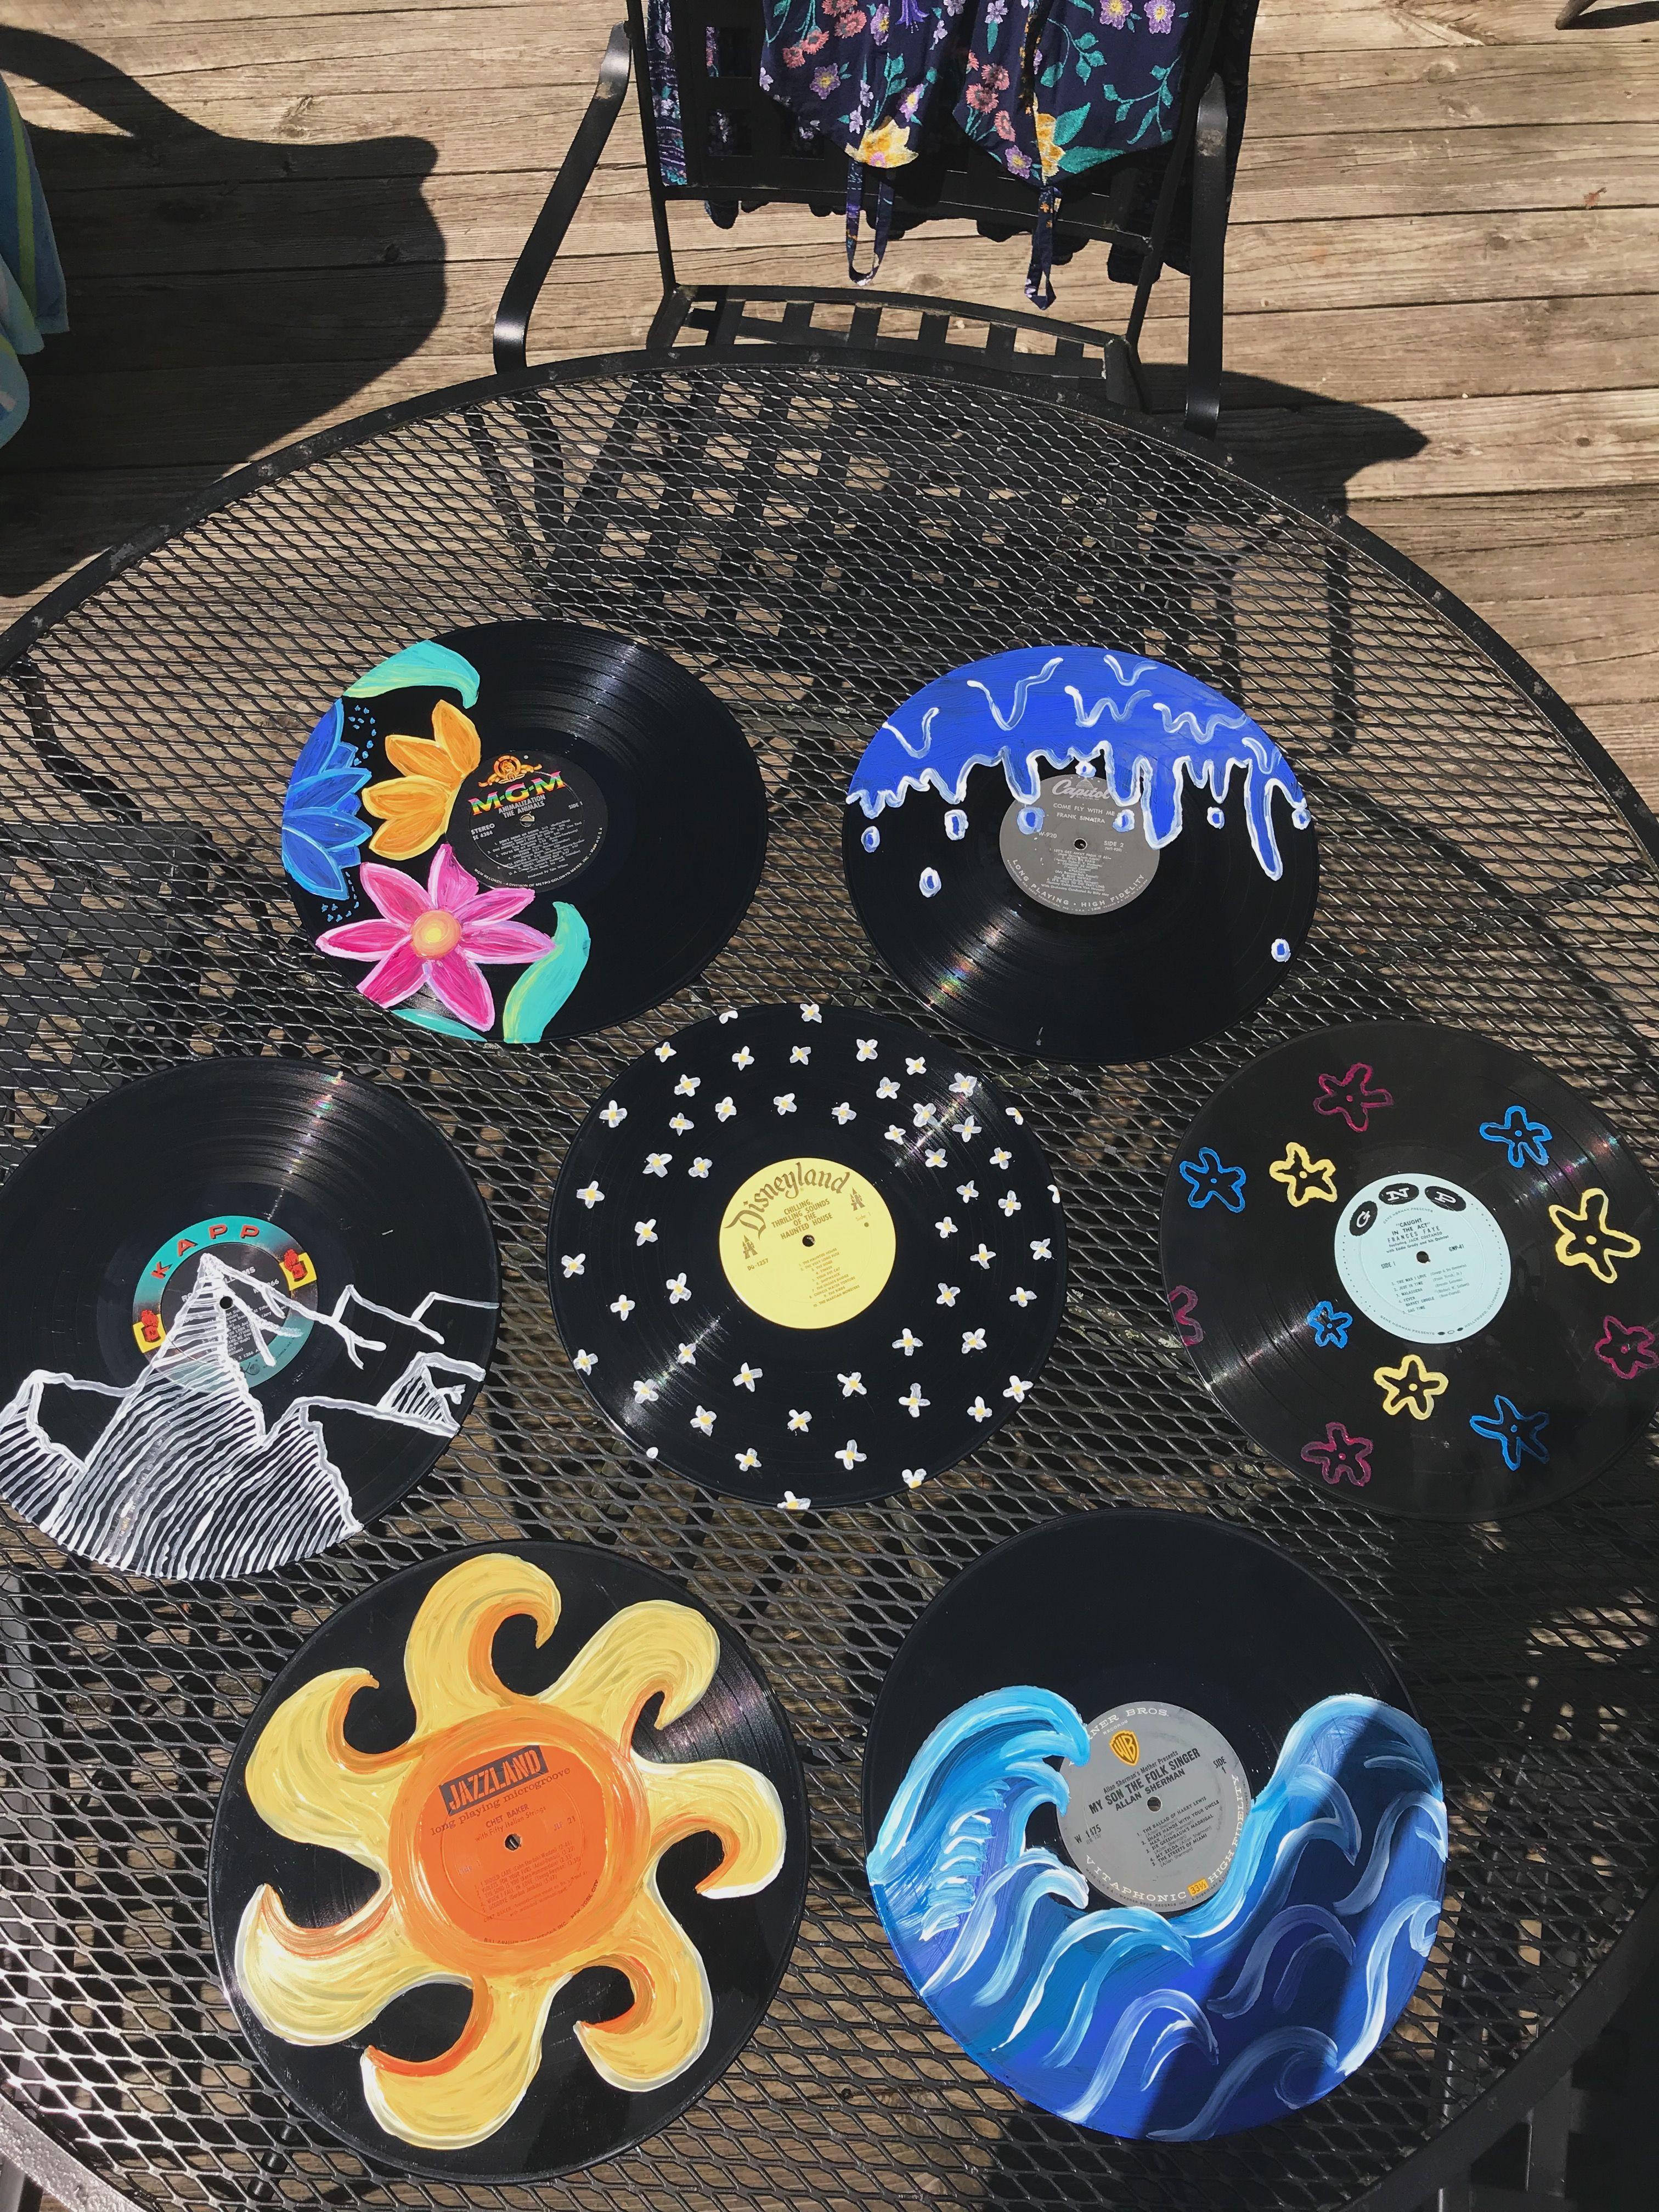 Vinyl Record Painting Ideas Vinyl Art Paint Vinyl Record Art